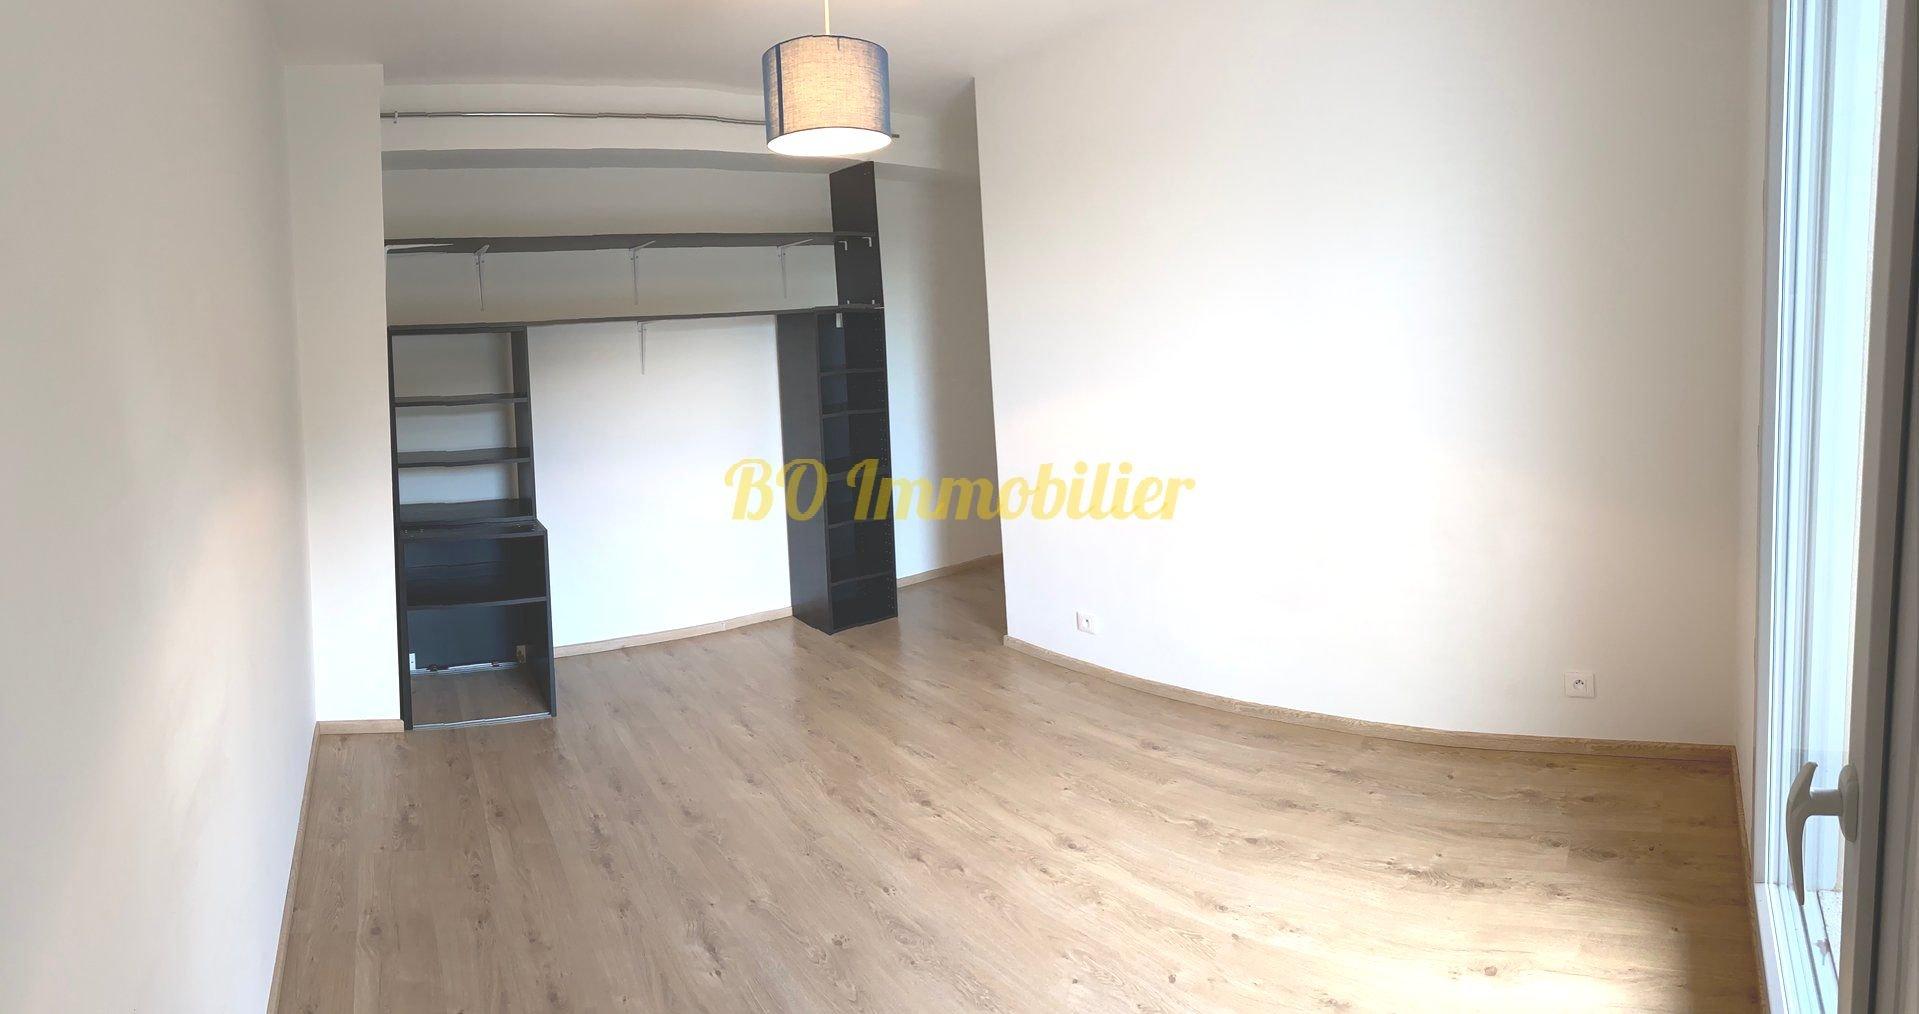 Appartement 3 pièces 57m²+terrasse+2 parkings